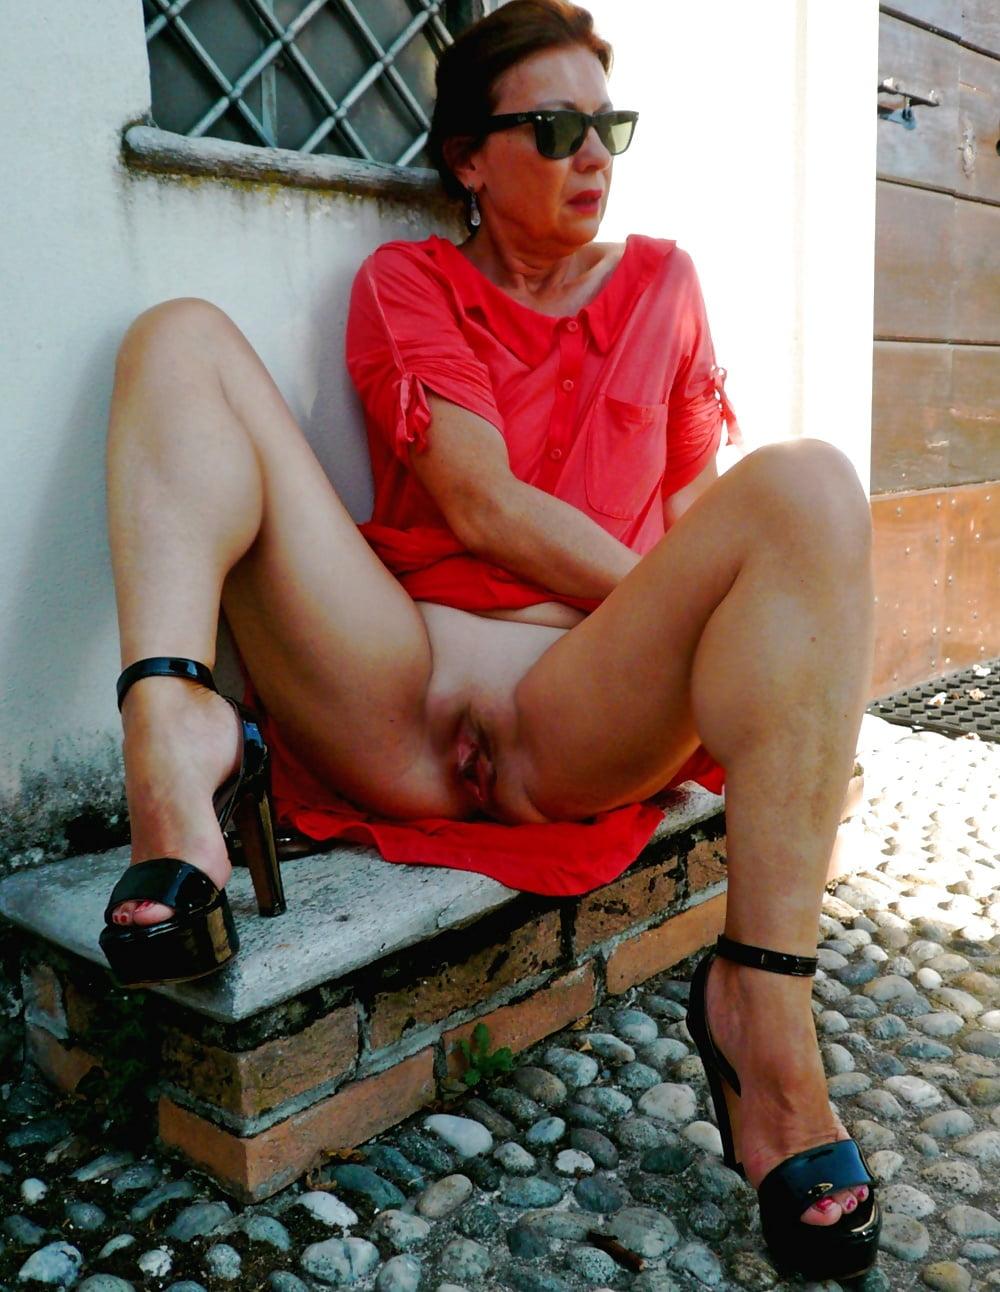 Upskirt Older Women Pics